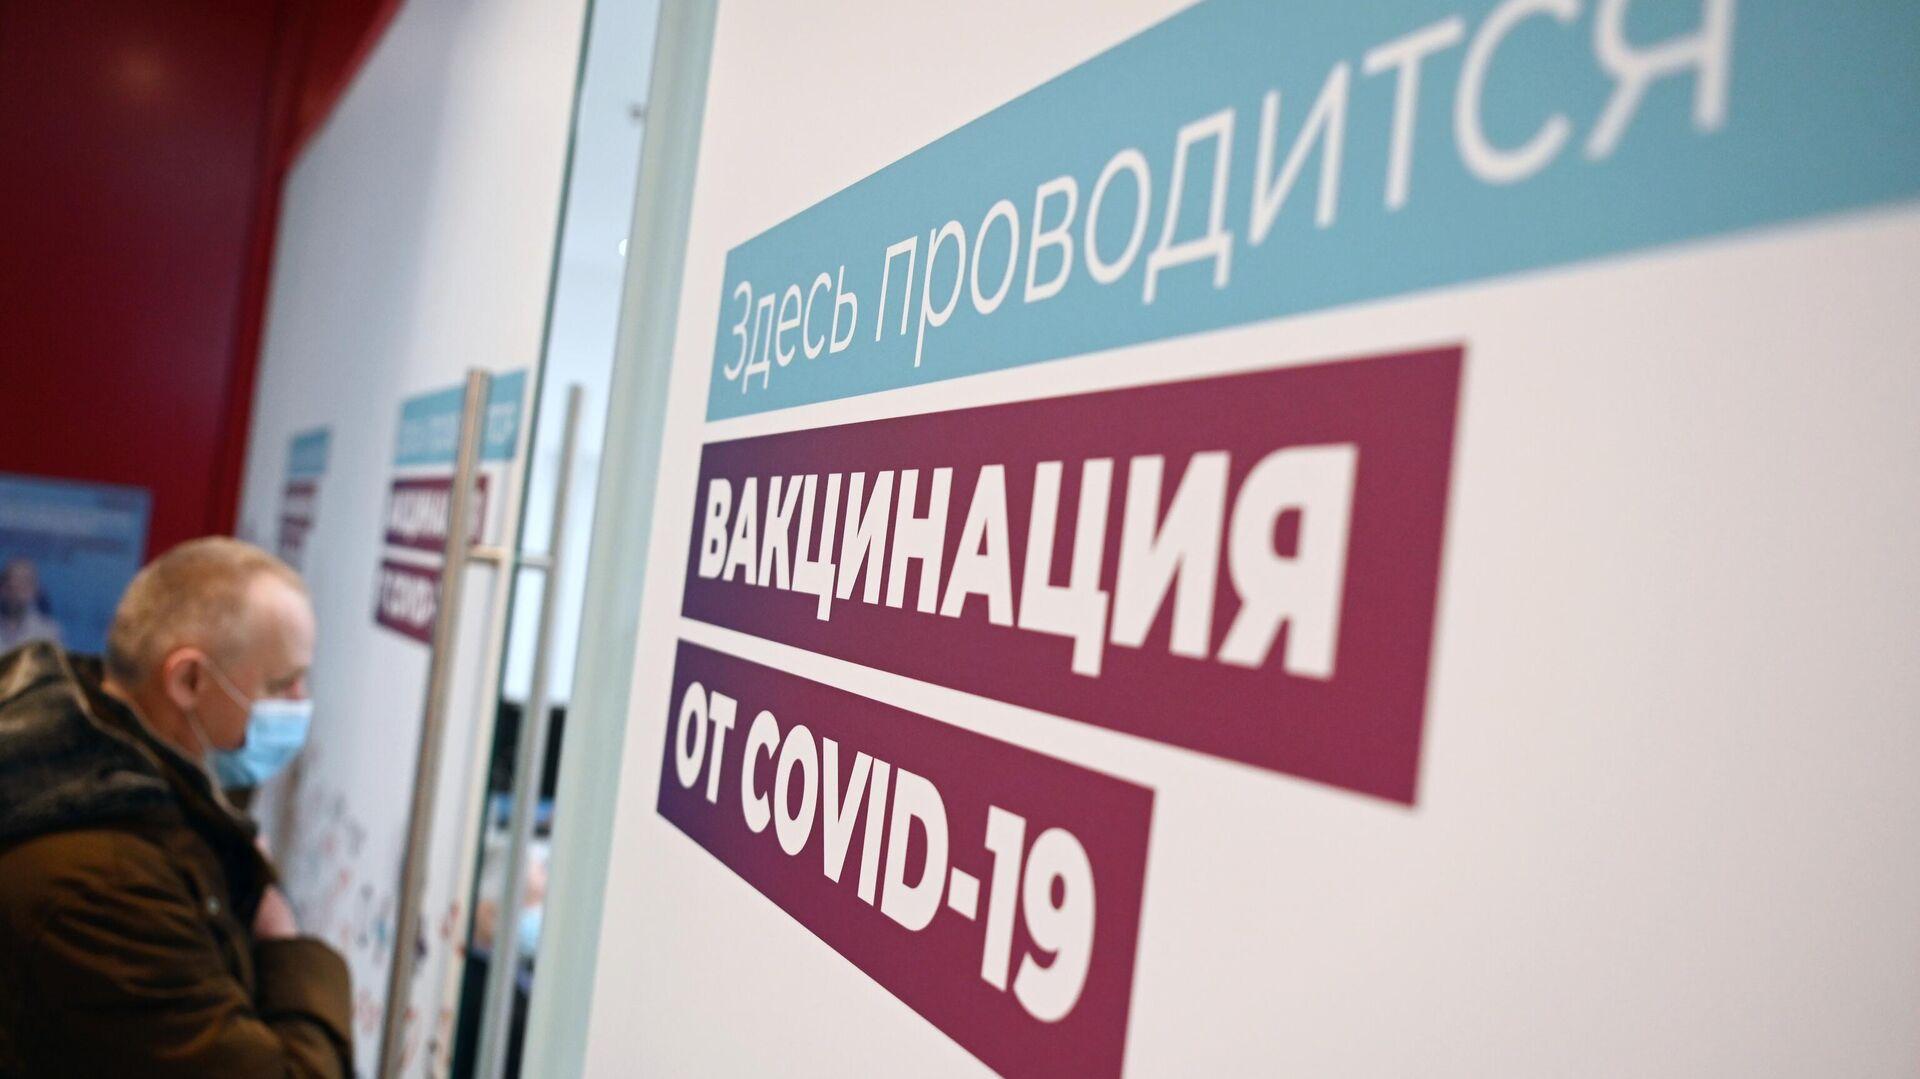 Вакцинация от COVID-19 в ТЦ Кунцево Плаза - РИА Новости, 1920, 18.03.2021